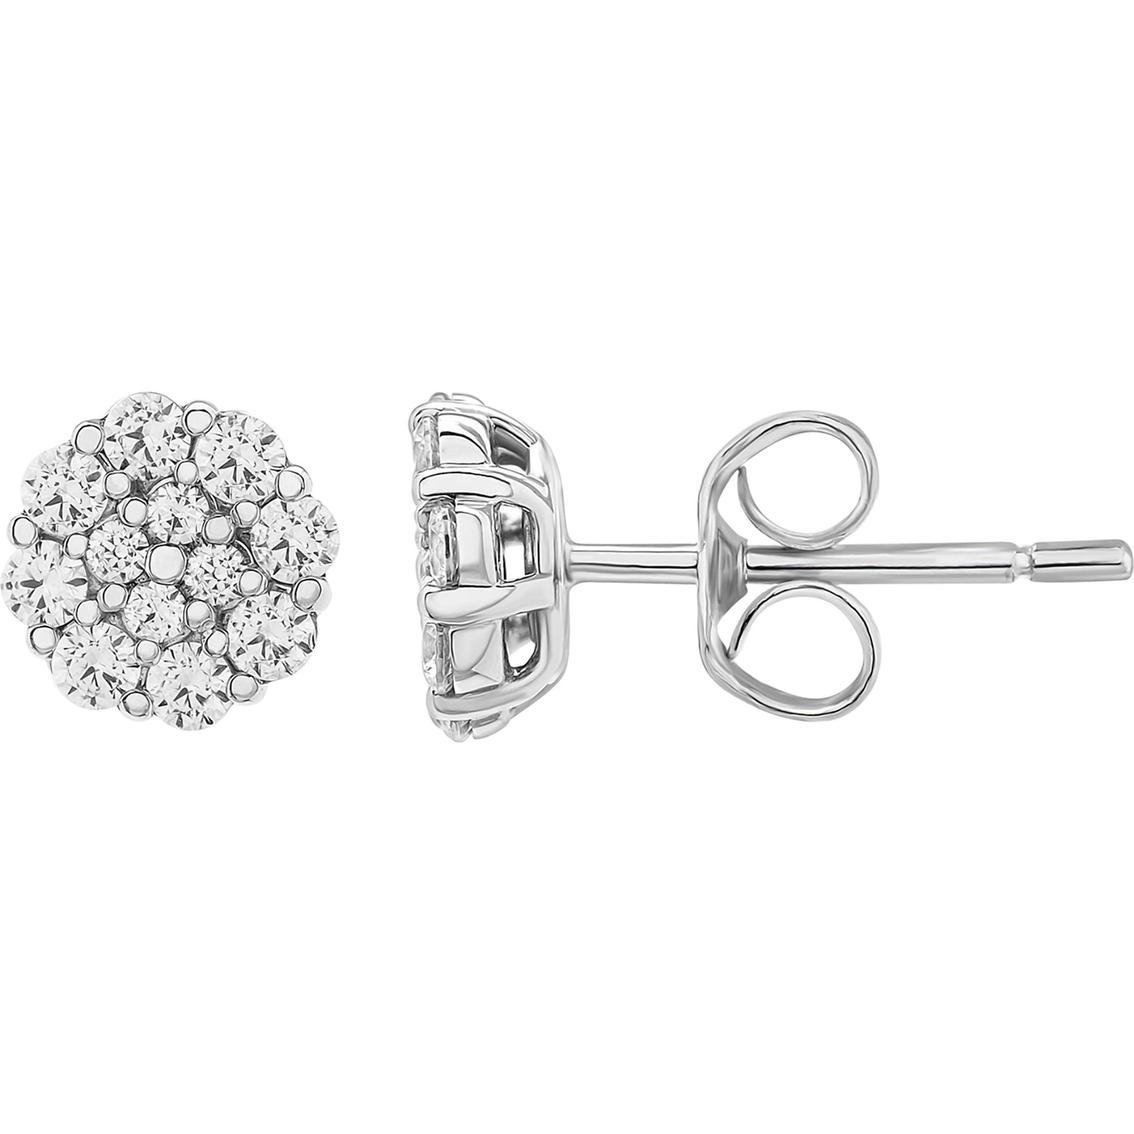 10k White Gold 1 2 Ctw Diamond Cer Stud Earrings